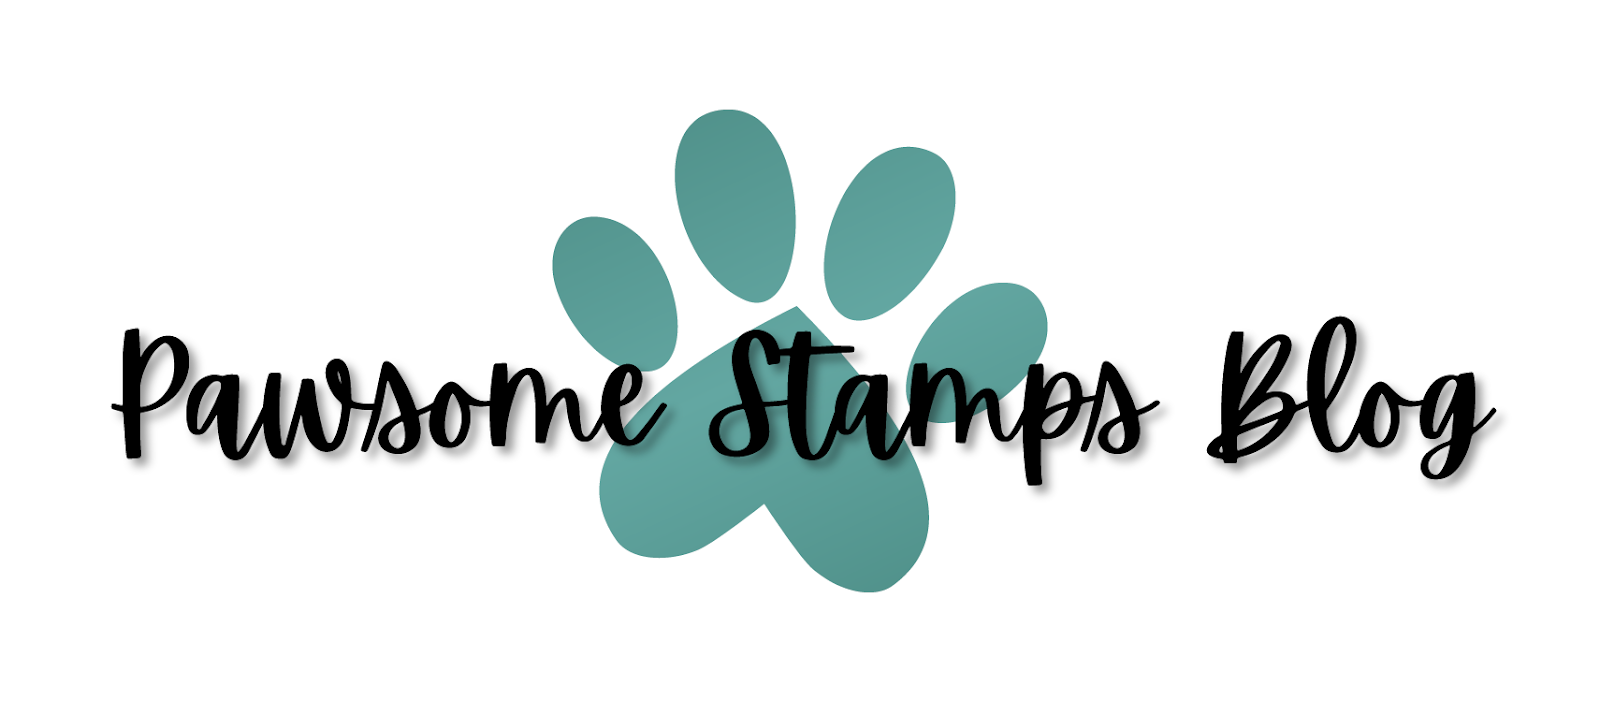 Pawsome Stamp Blog